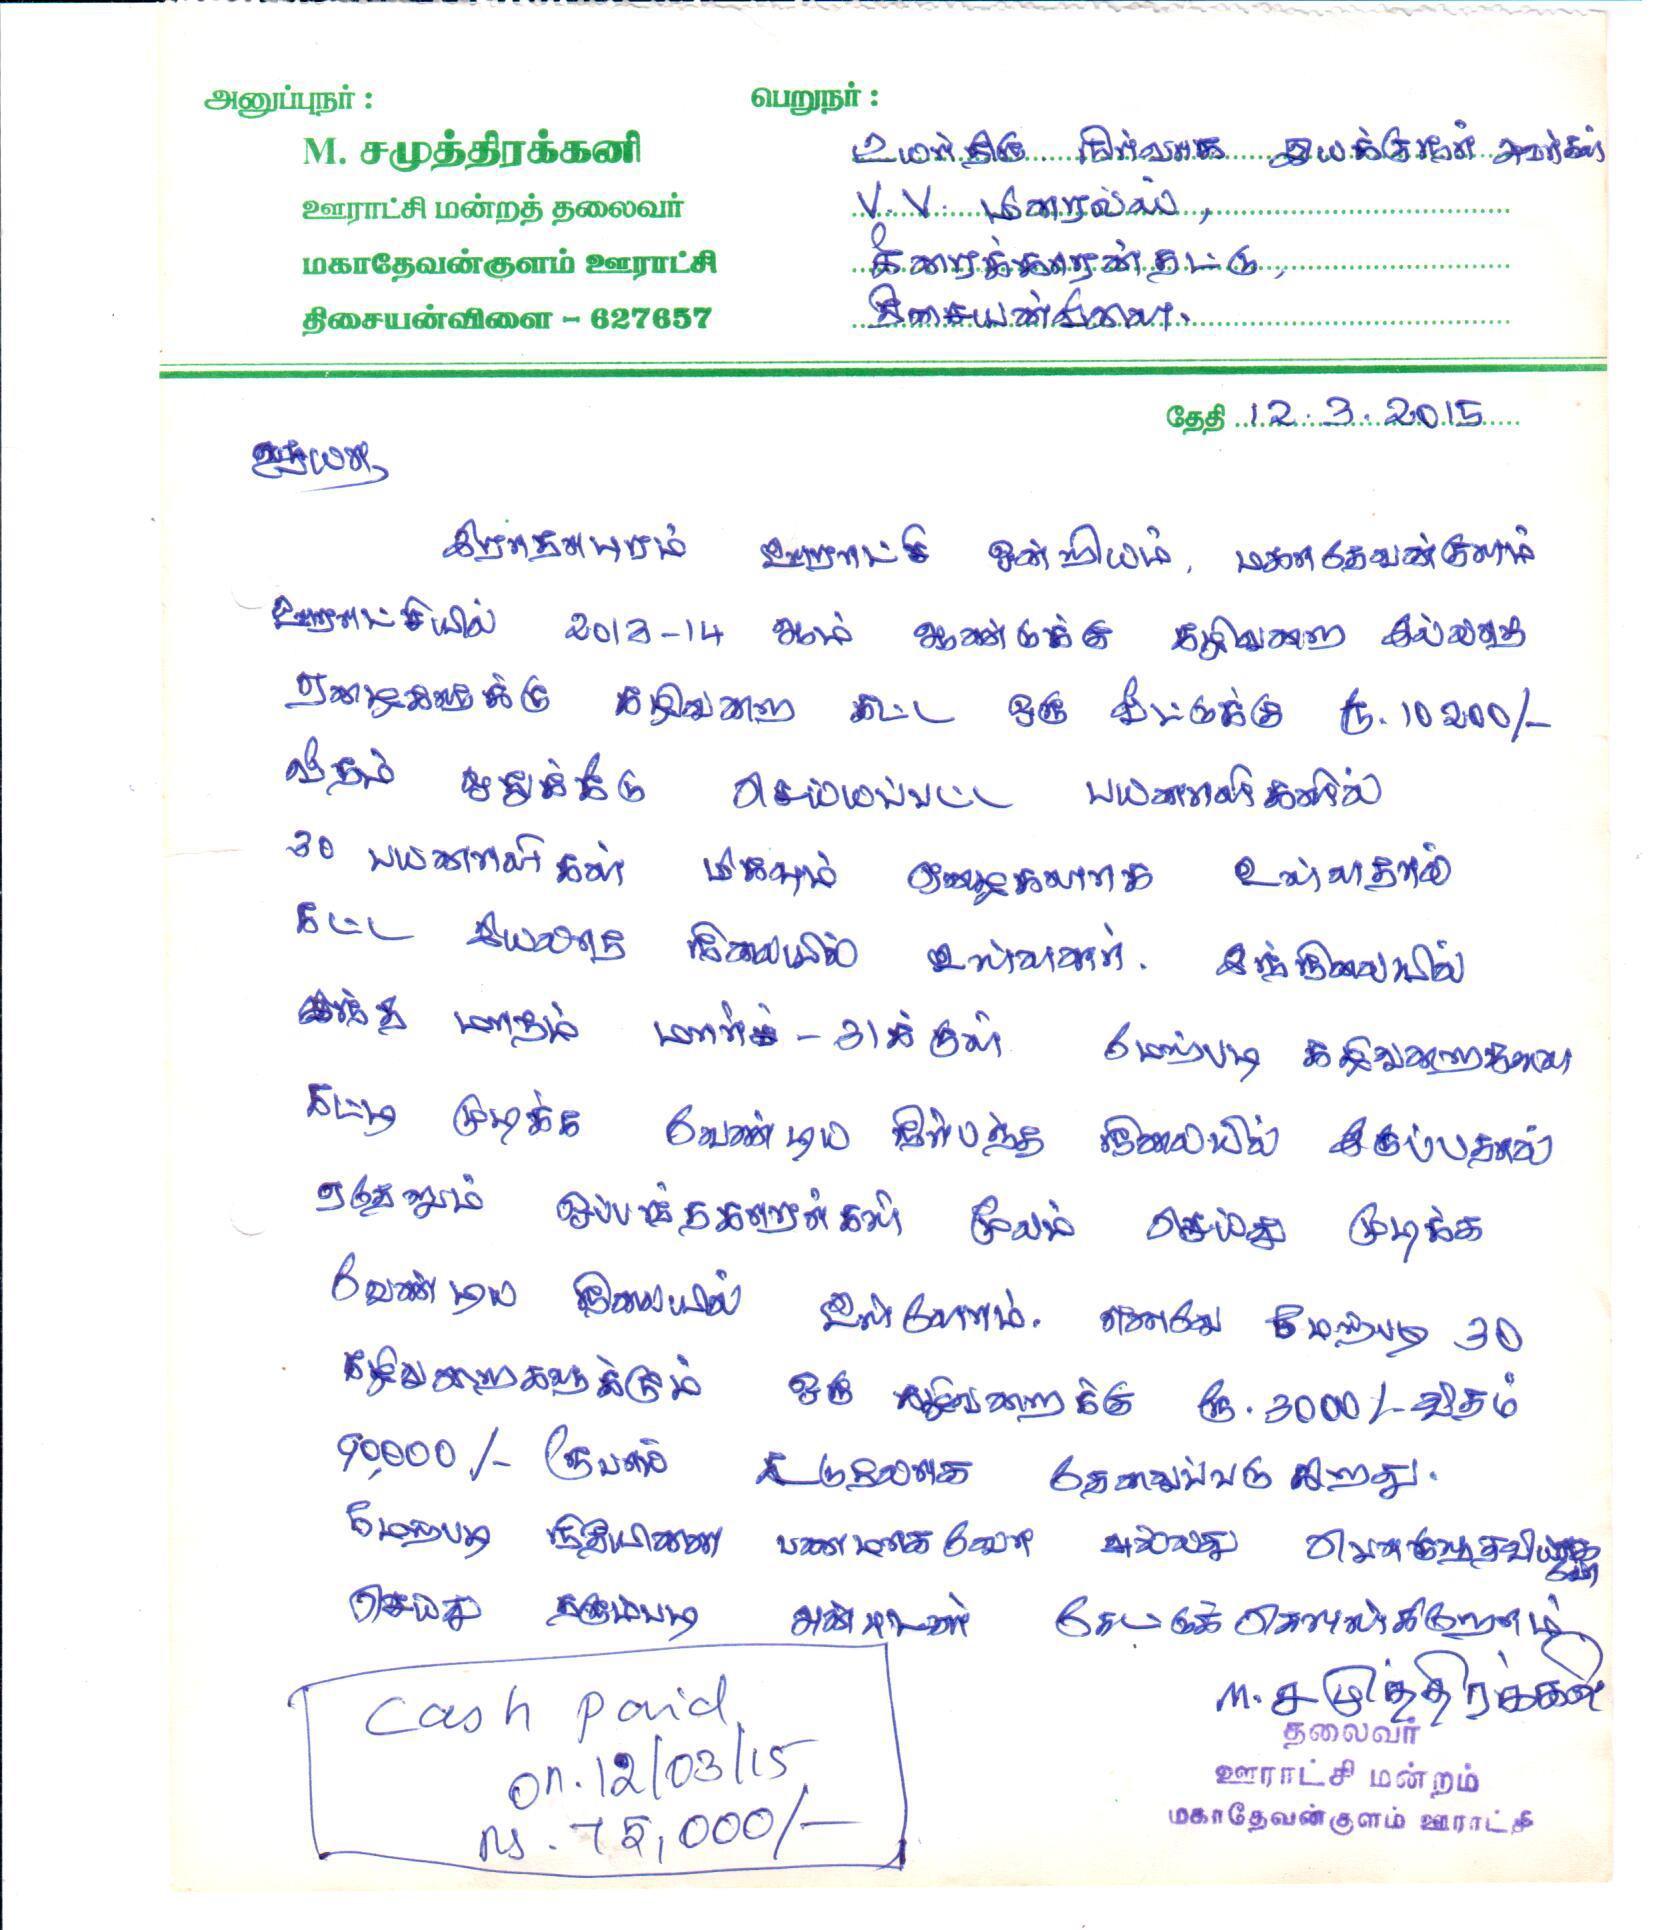 Mahadevankulam donation receipt